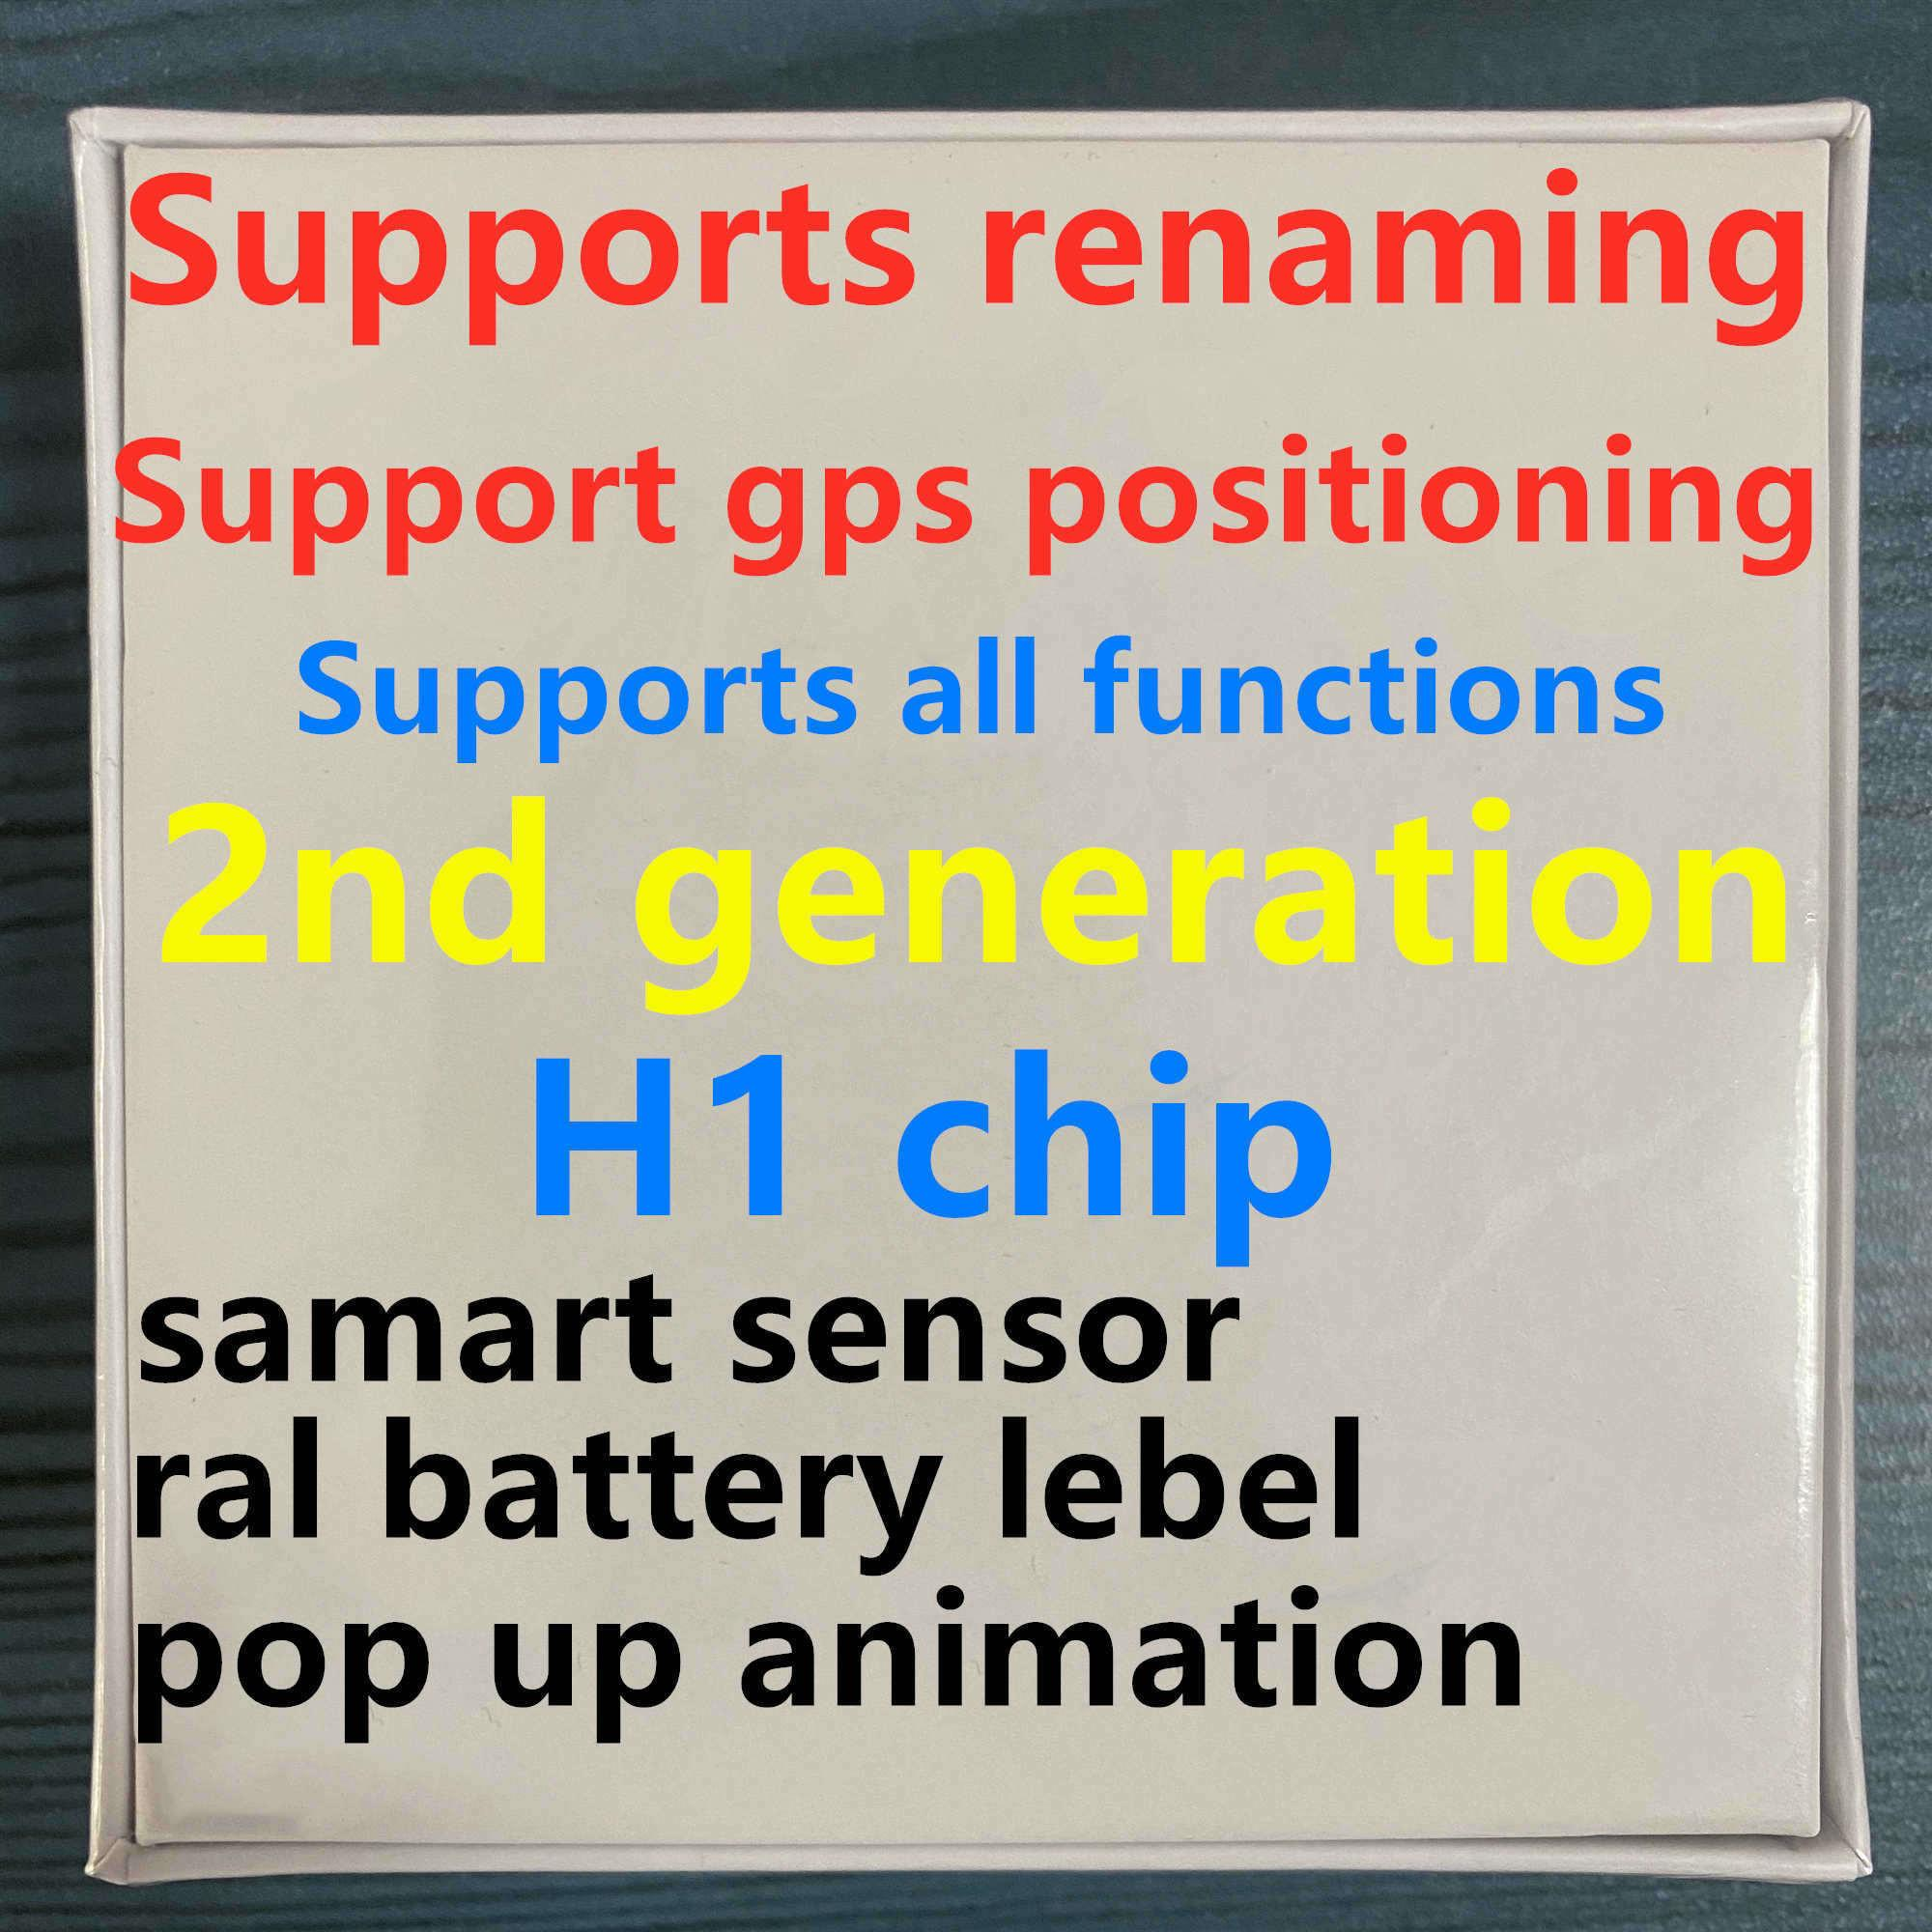 fones de chips H1 Gps Rename Air Ap3 pro Ap2 Tws Gen 2 Pods janela pop-up Bluetooth Headphone auto apara Earbuds caso de carregamento sem fio nova